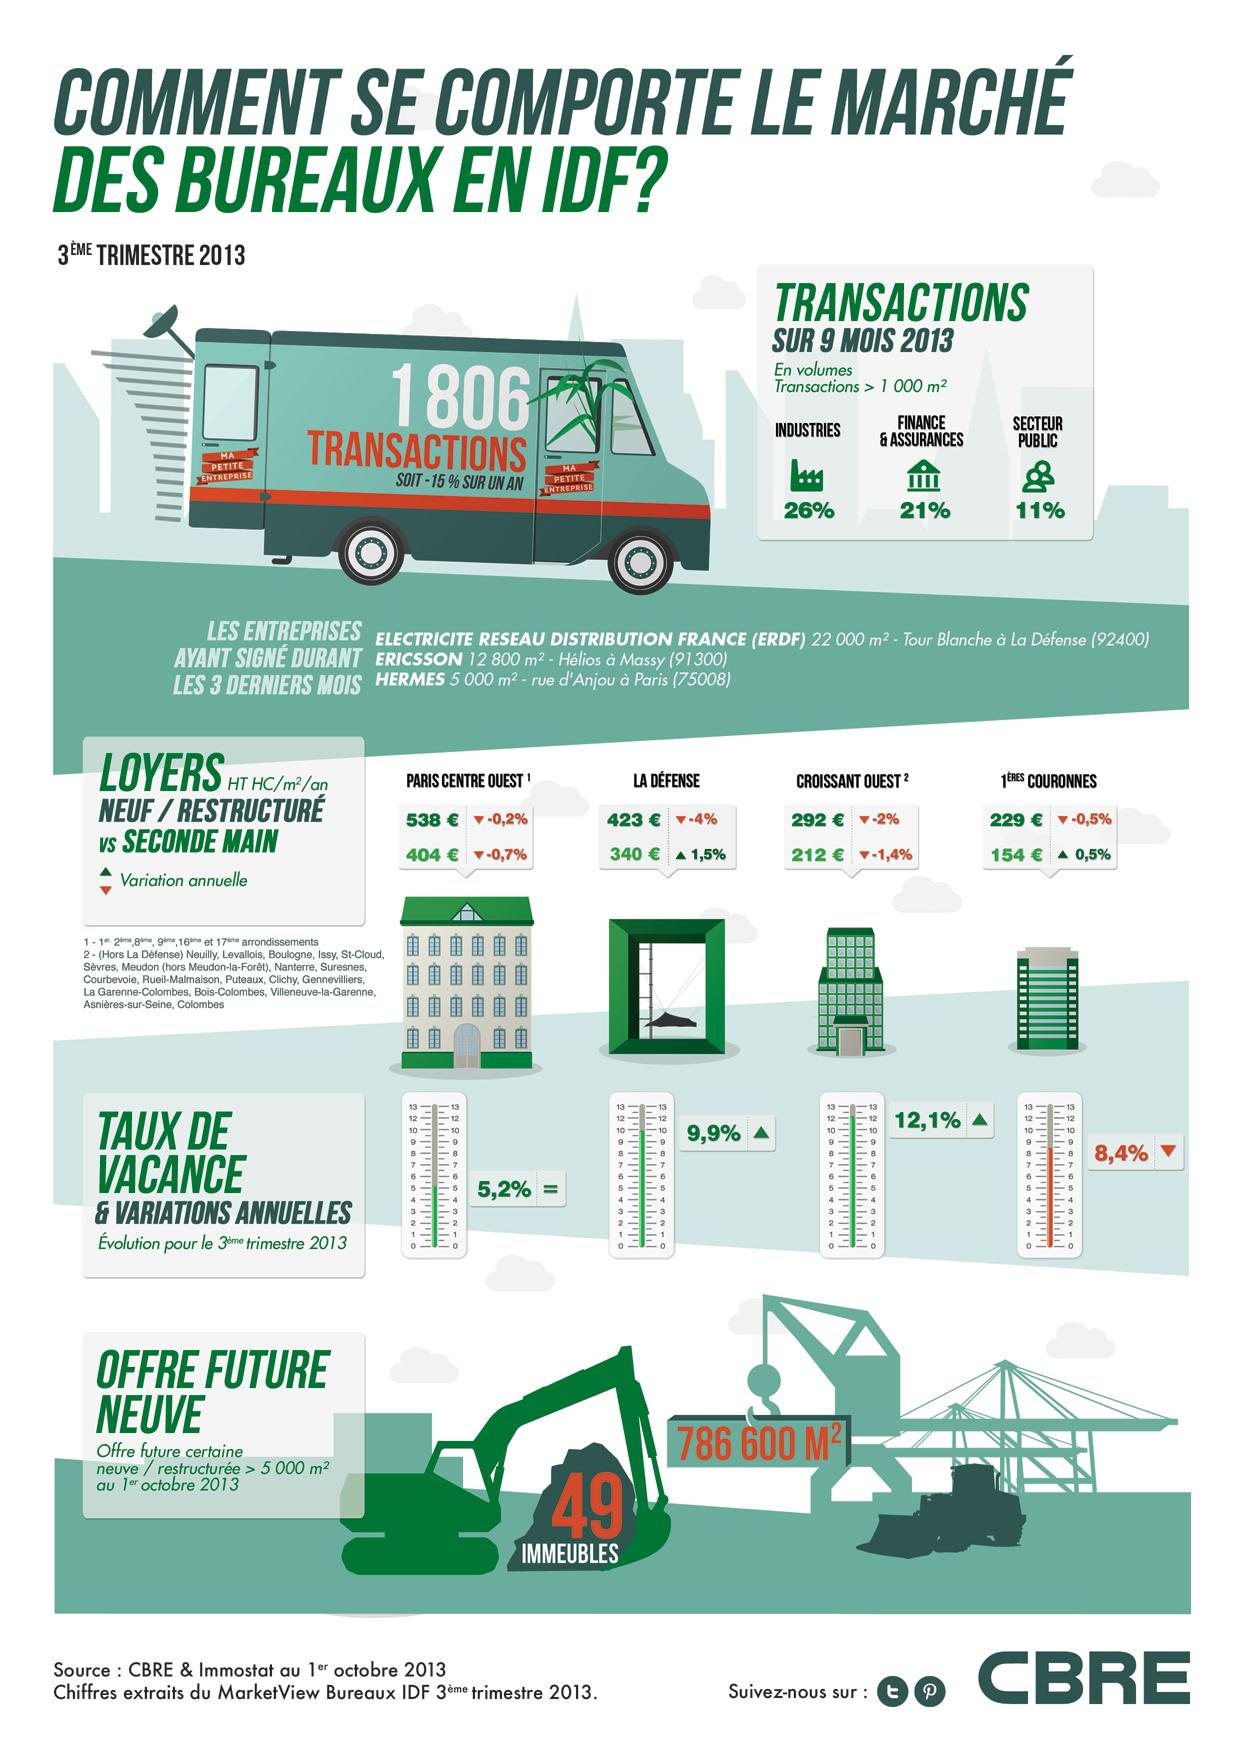 Infographie : Le marché des bureaux en IDF, octobre 2013